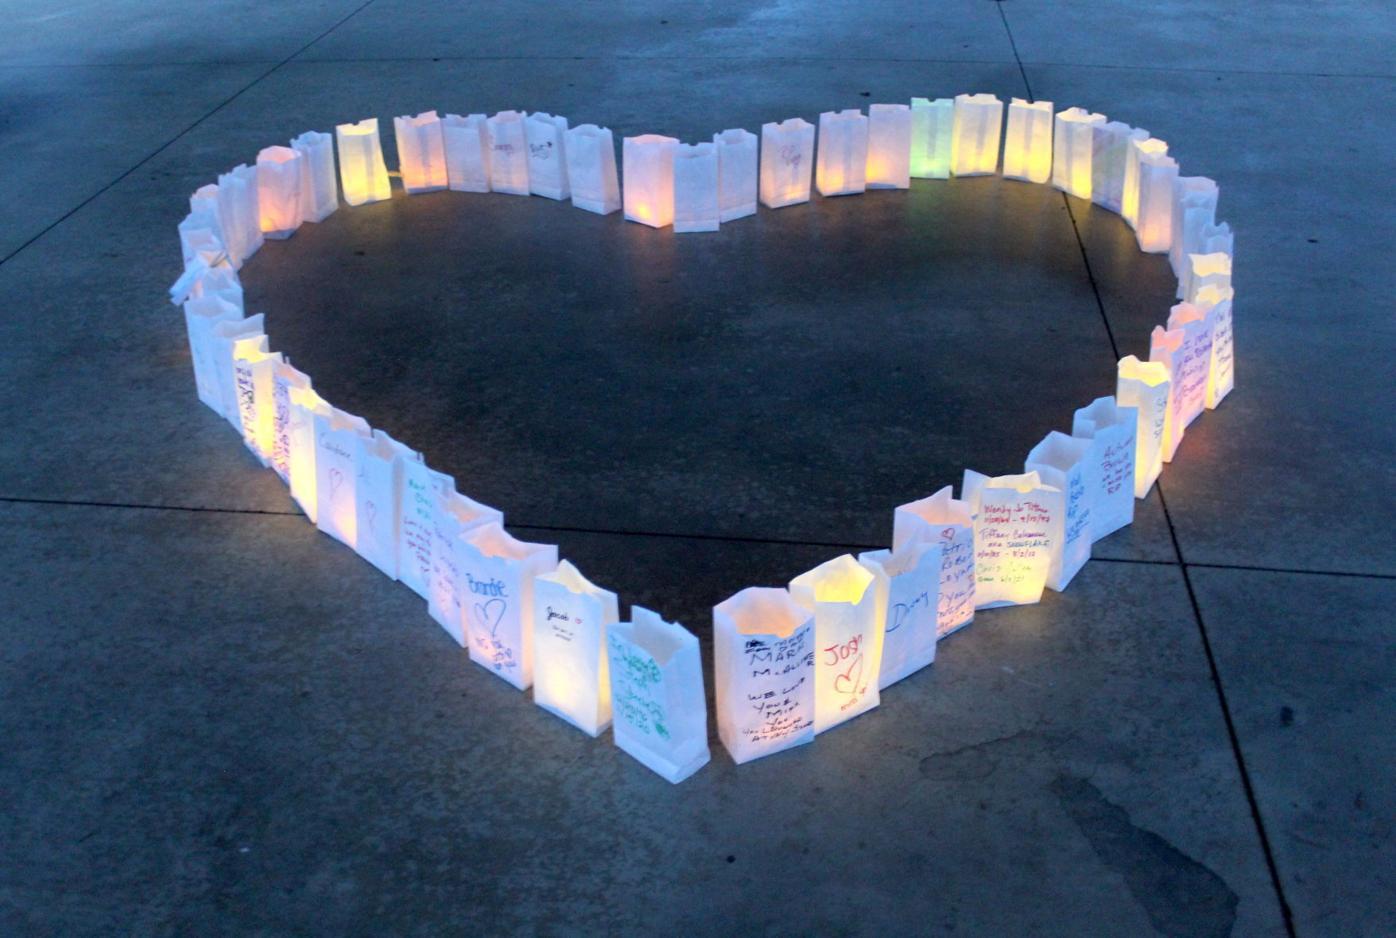 Overdose memorial vigil